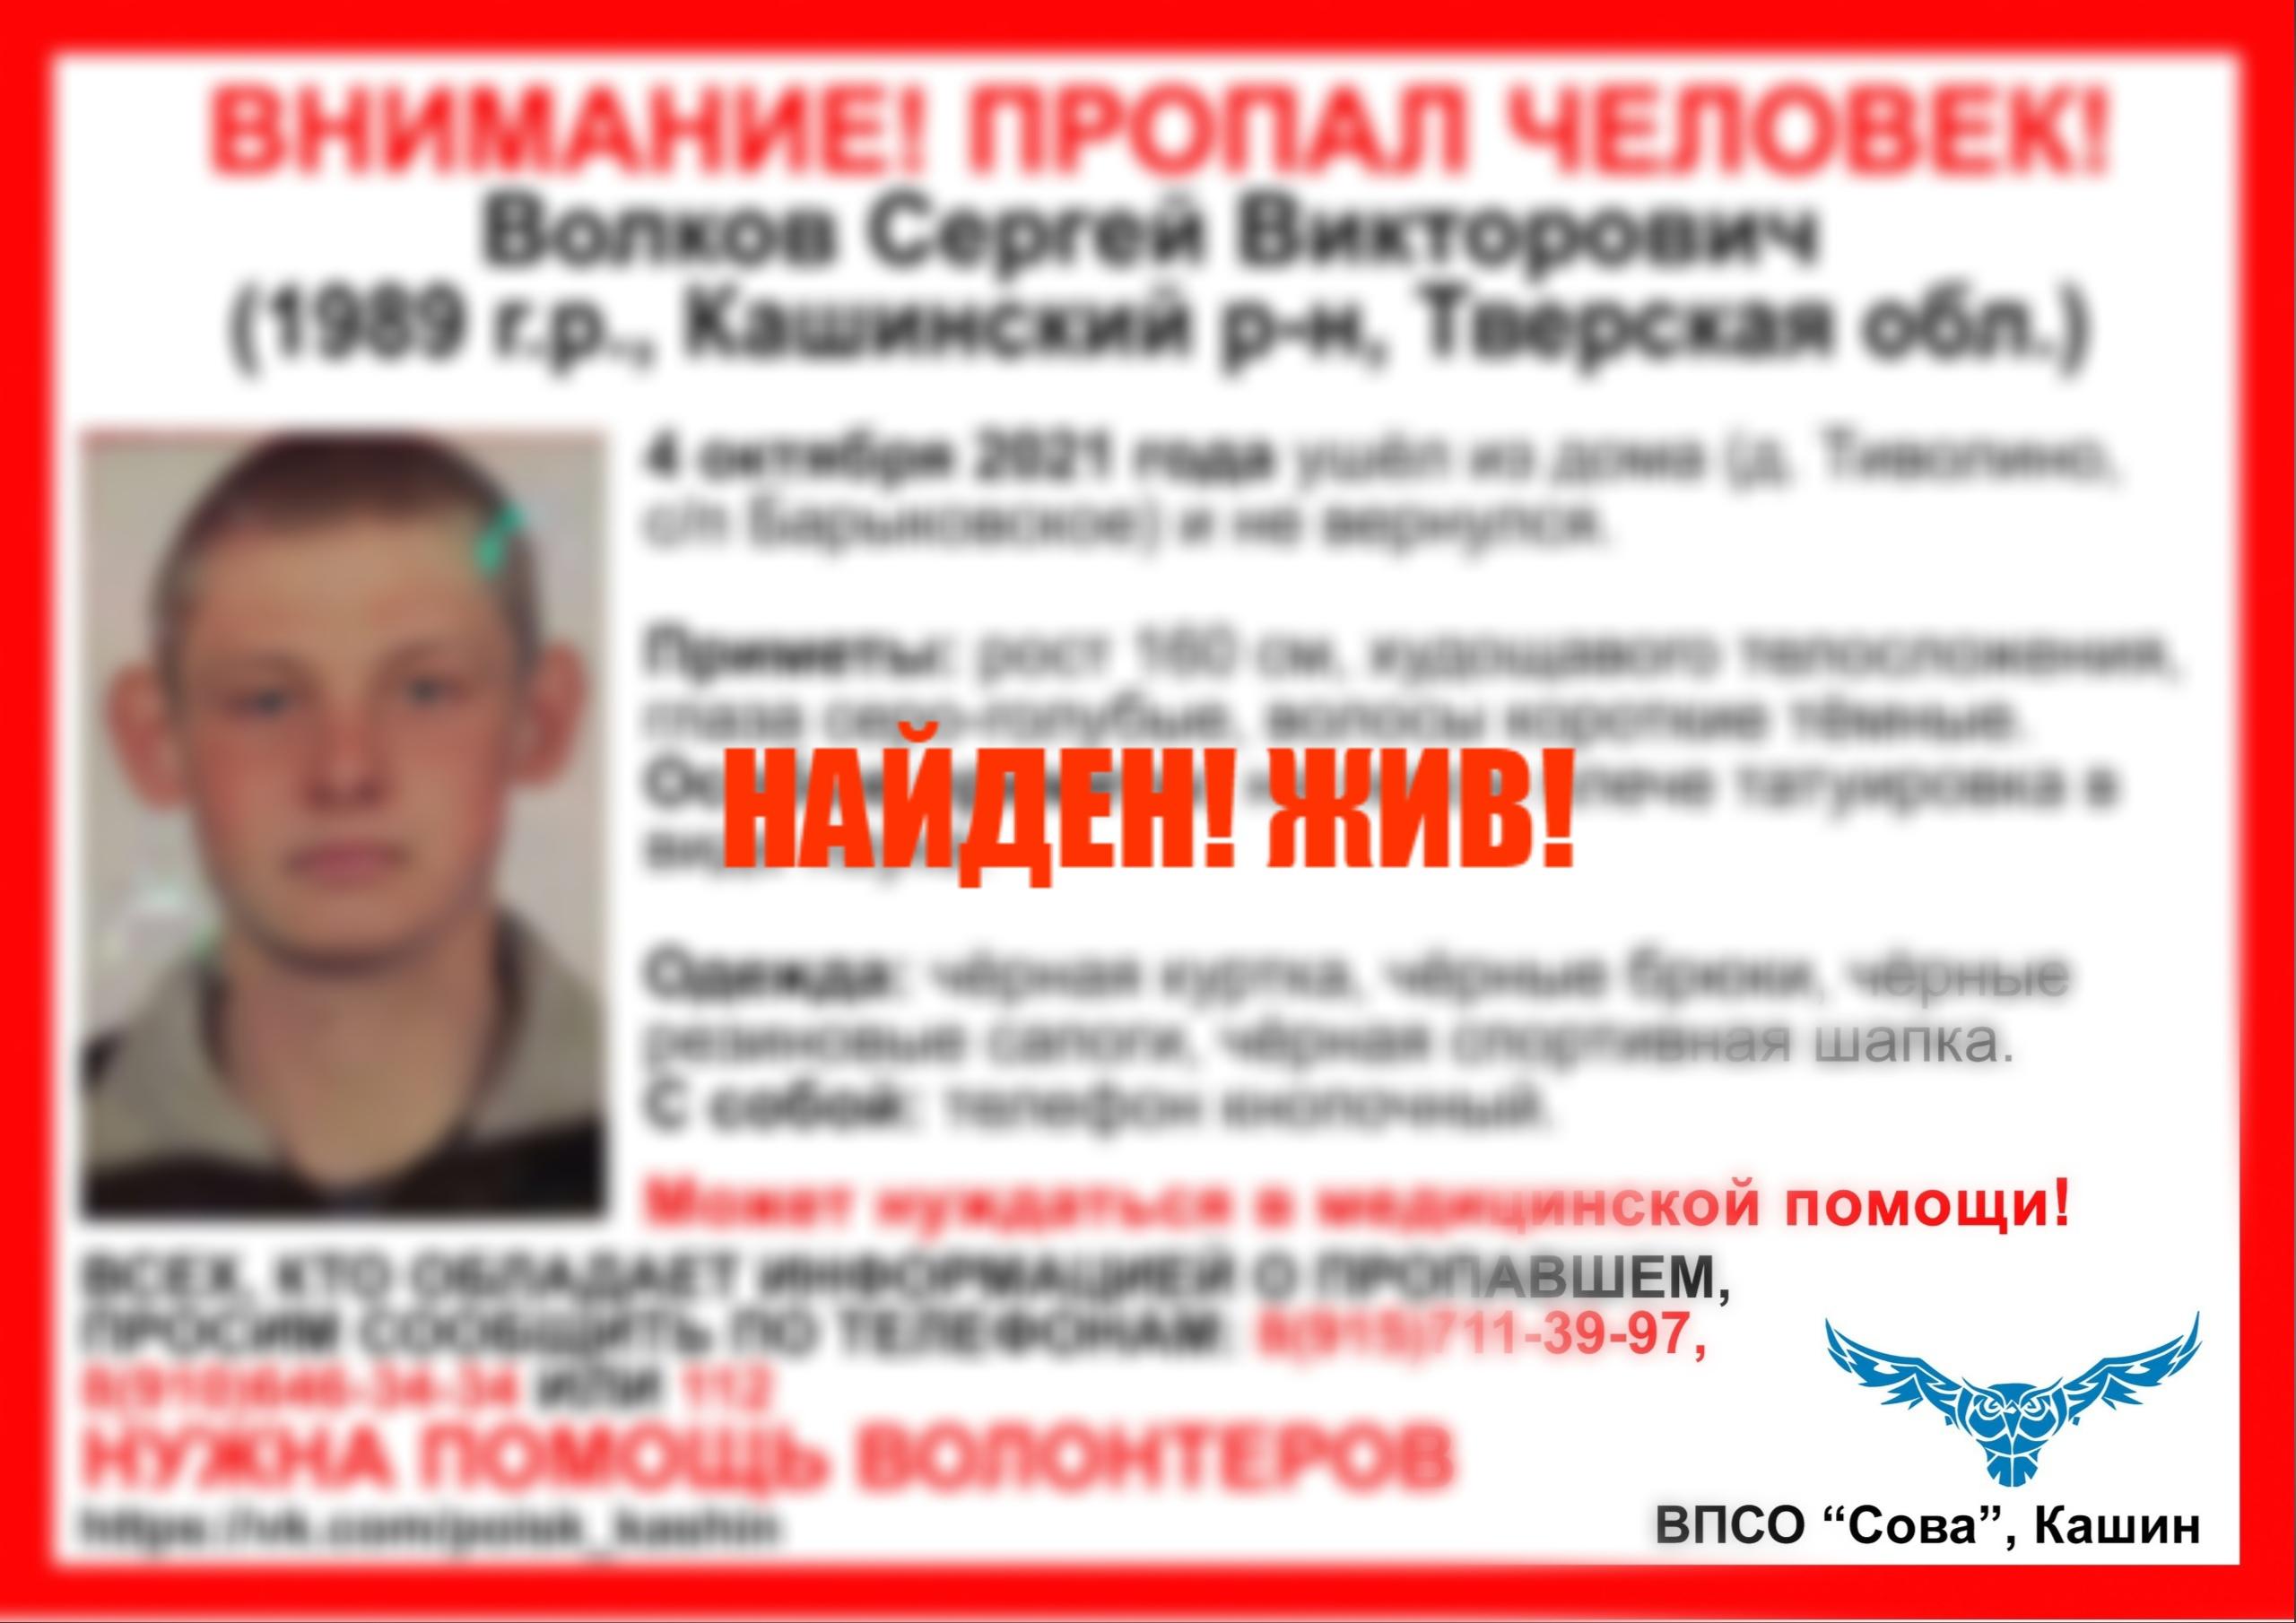 Мужчина, которого трое суток искали в Тверской области, нашёлся